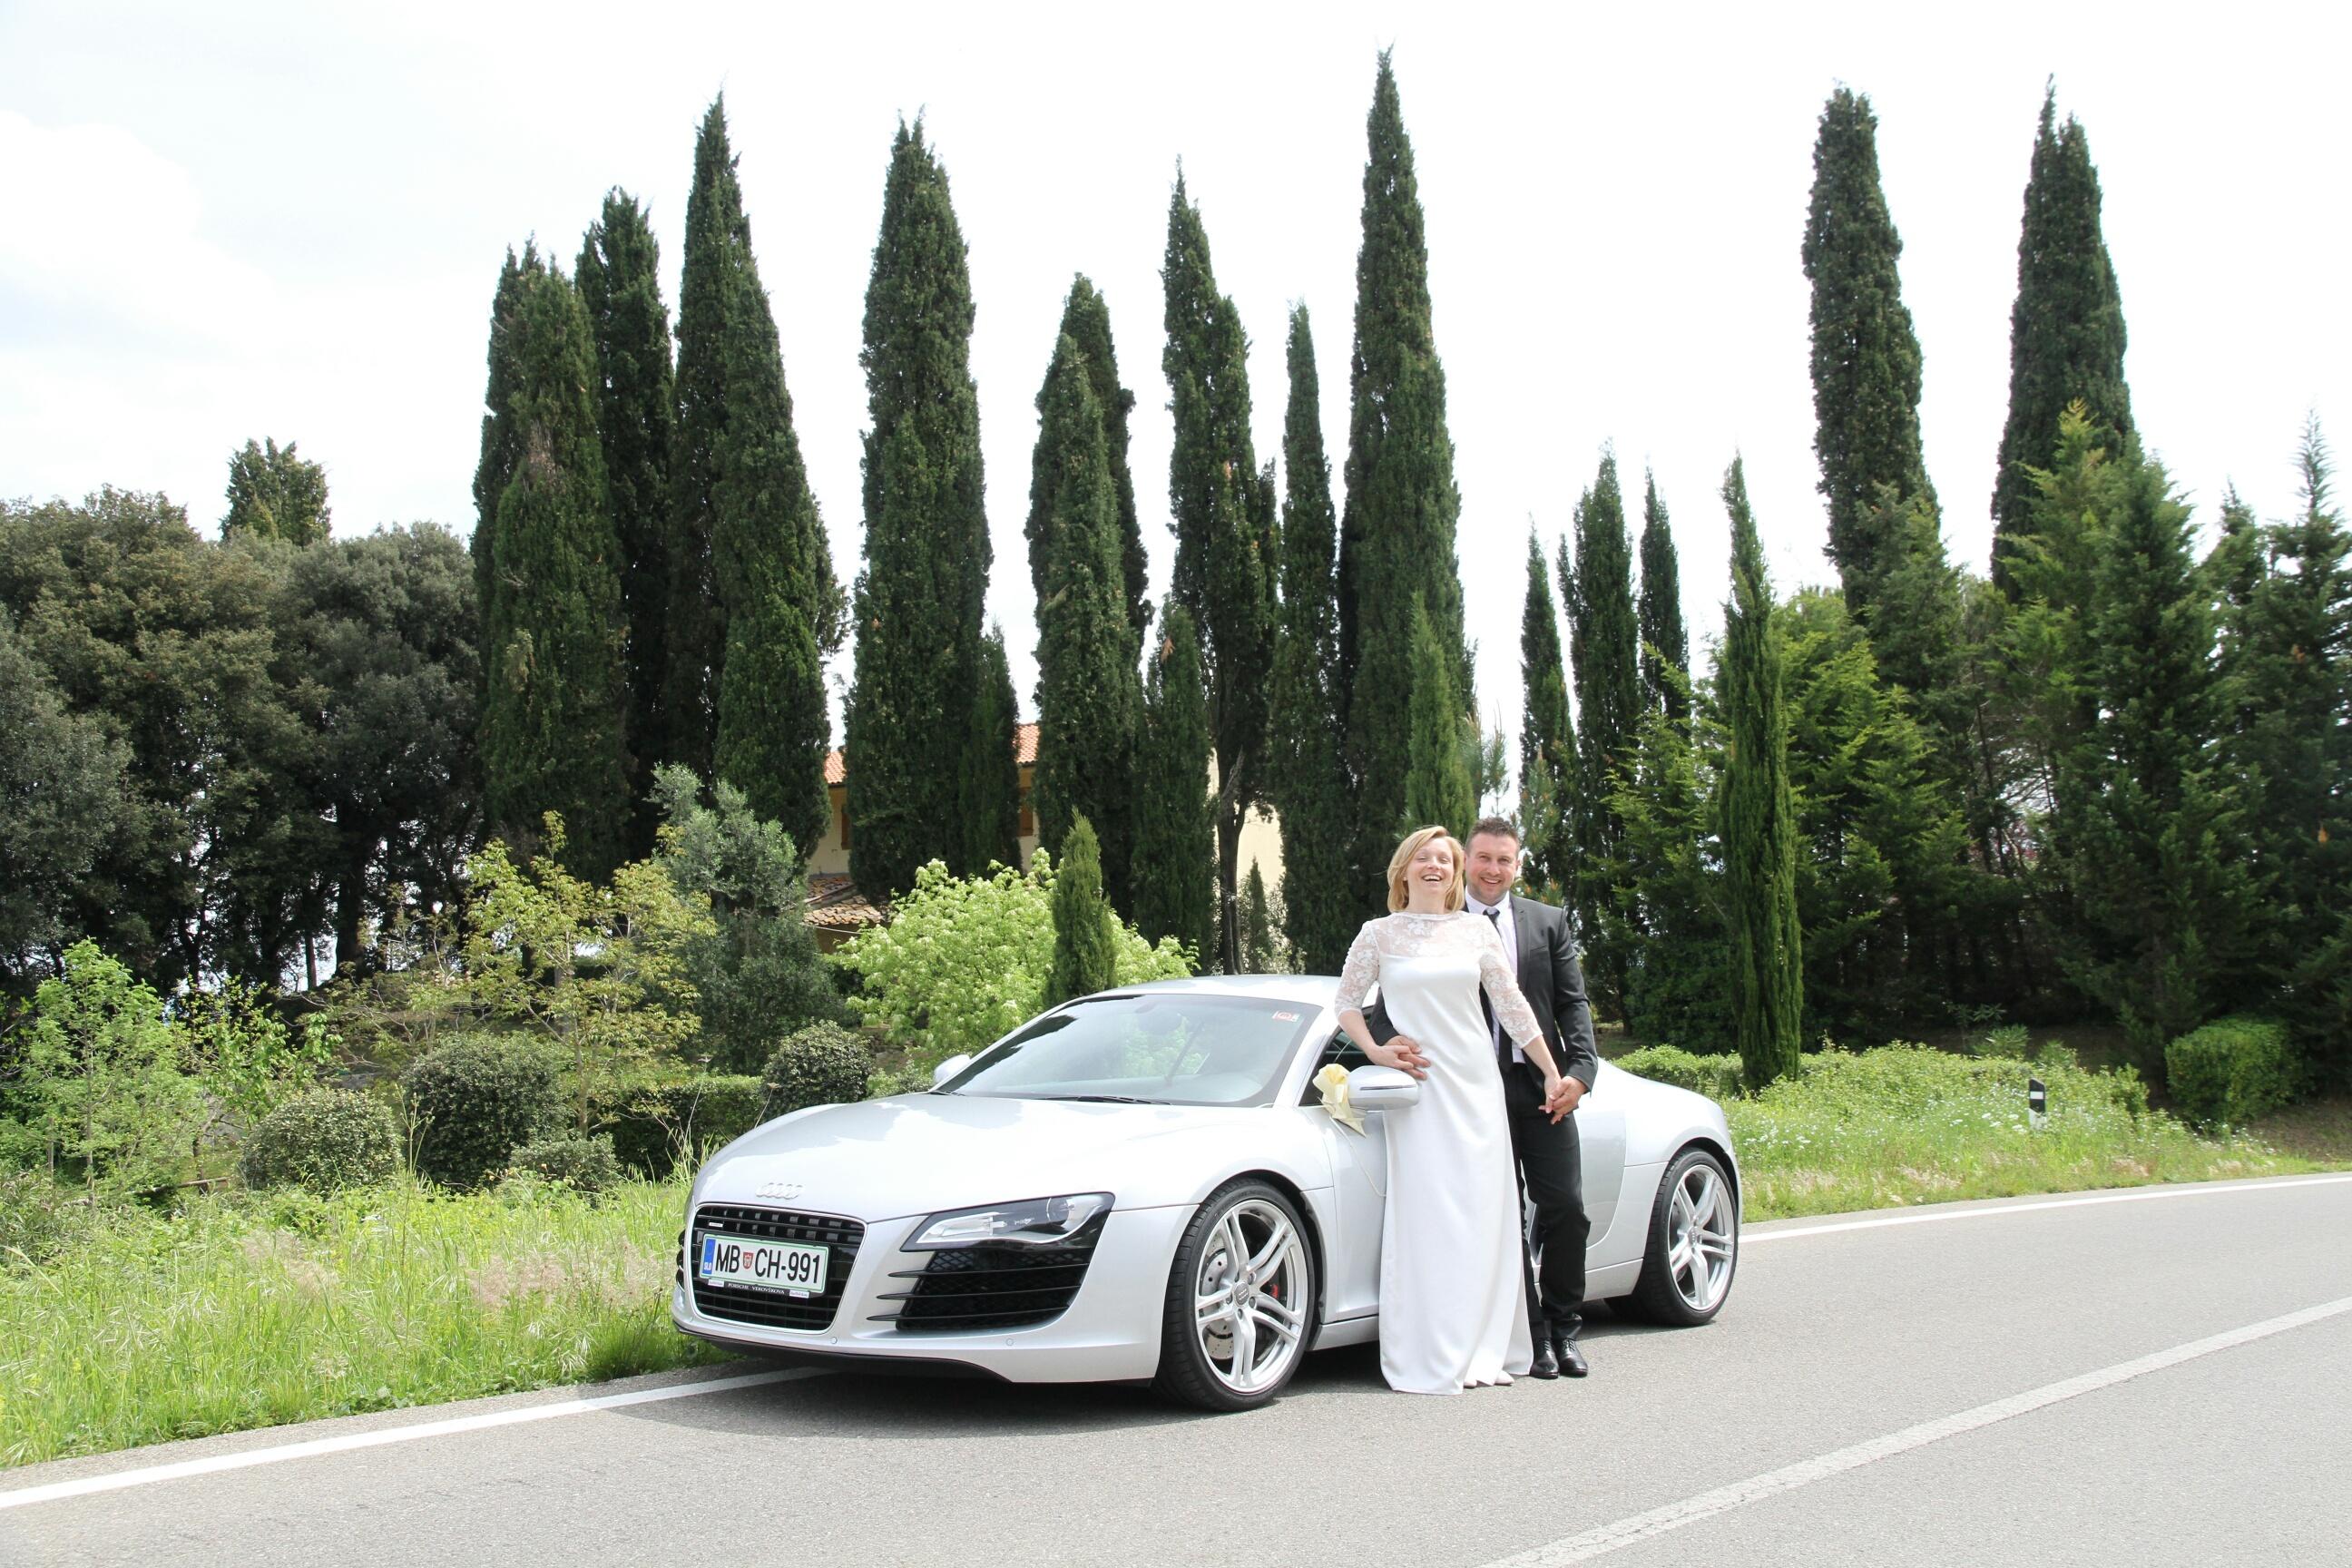 Heiraten toskana erfahrung